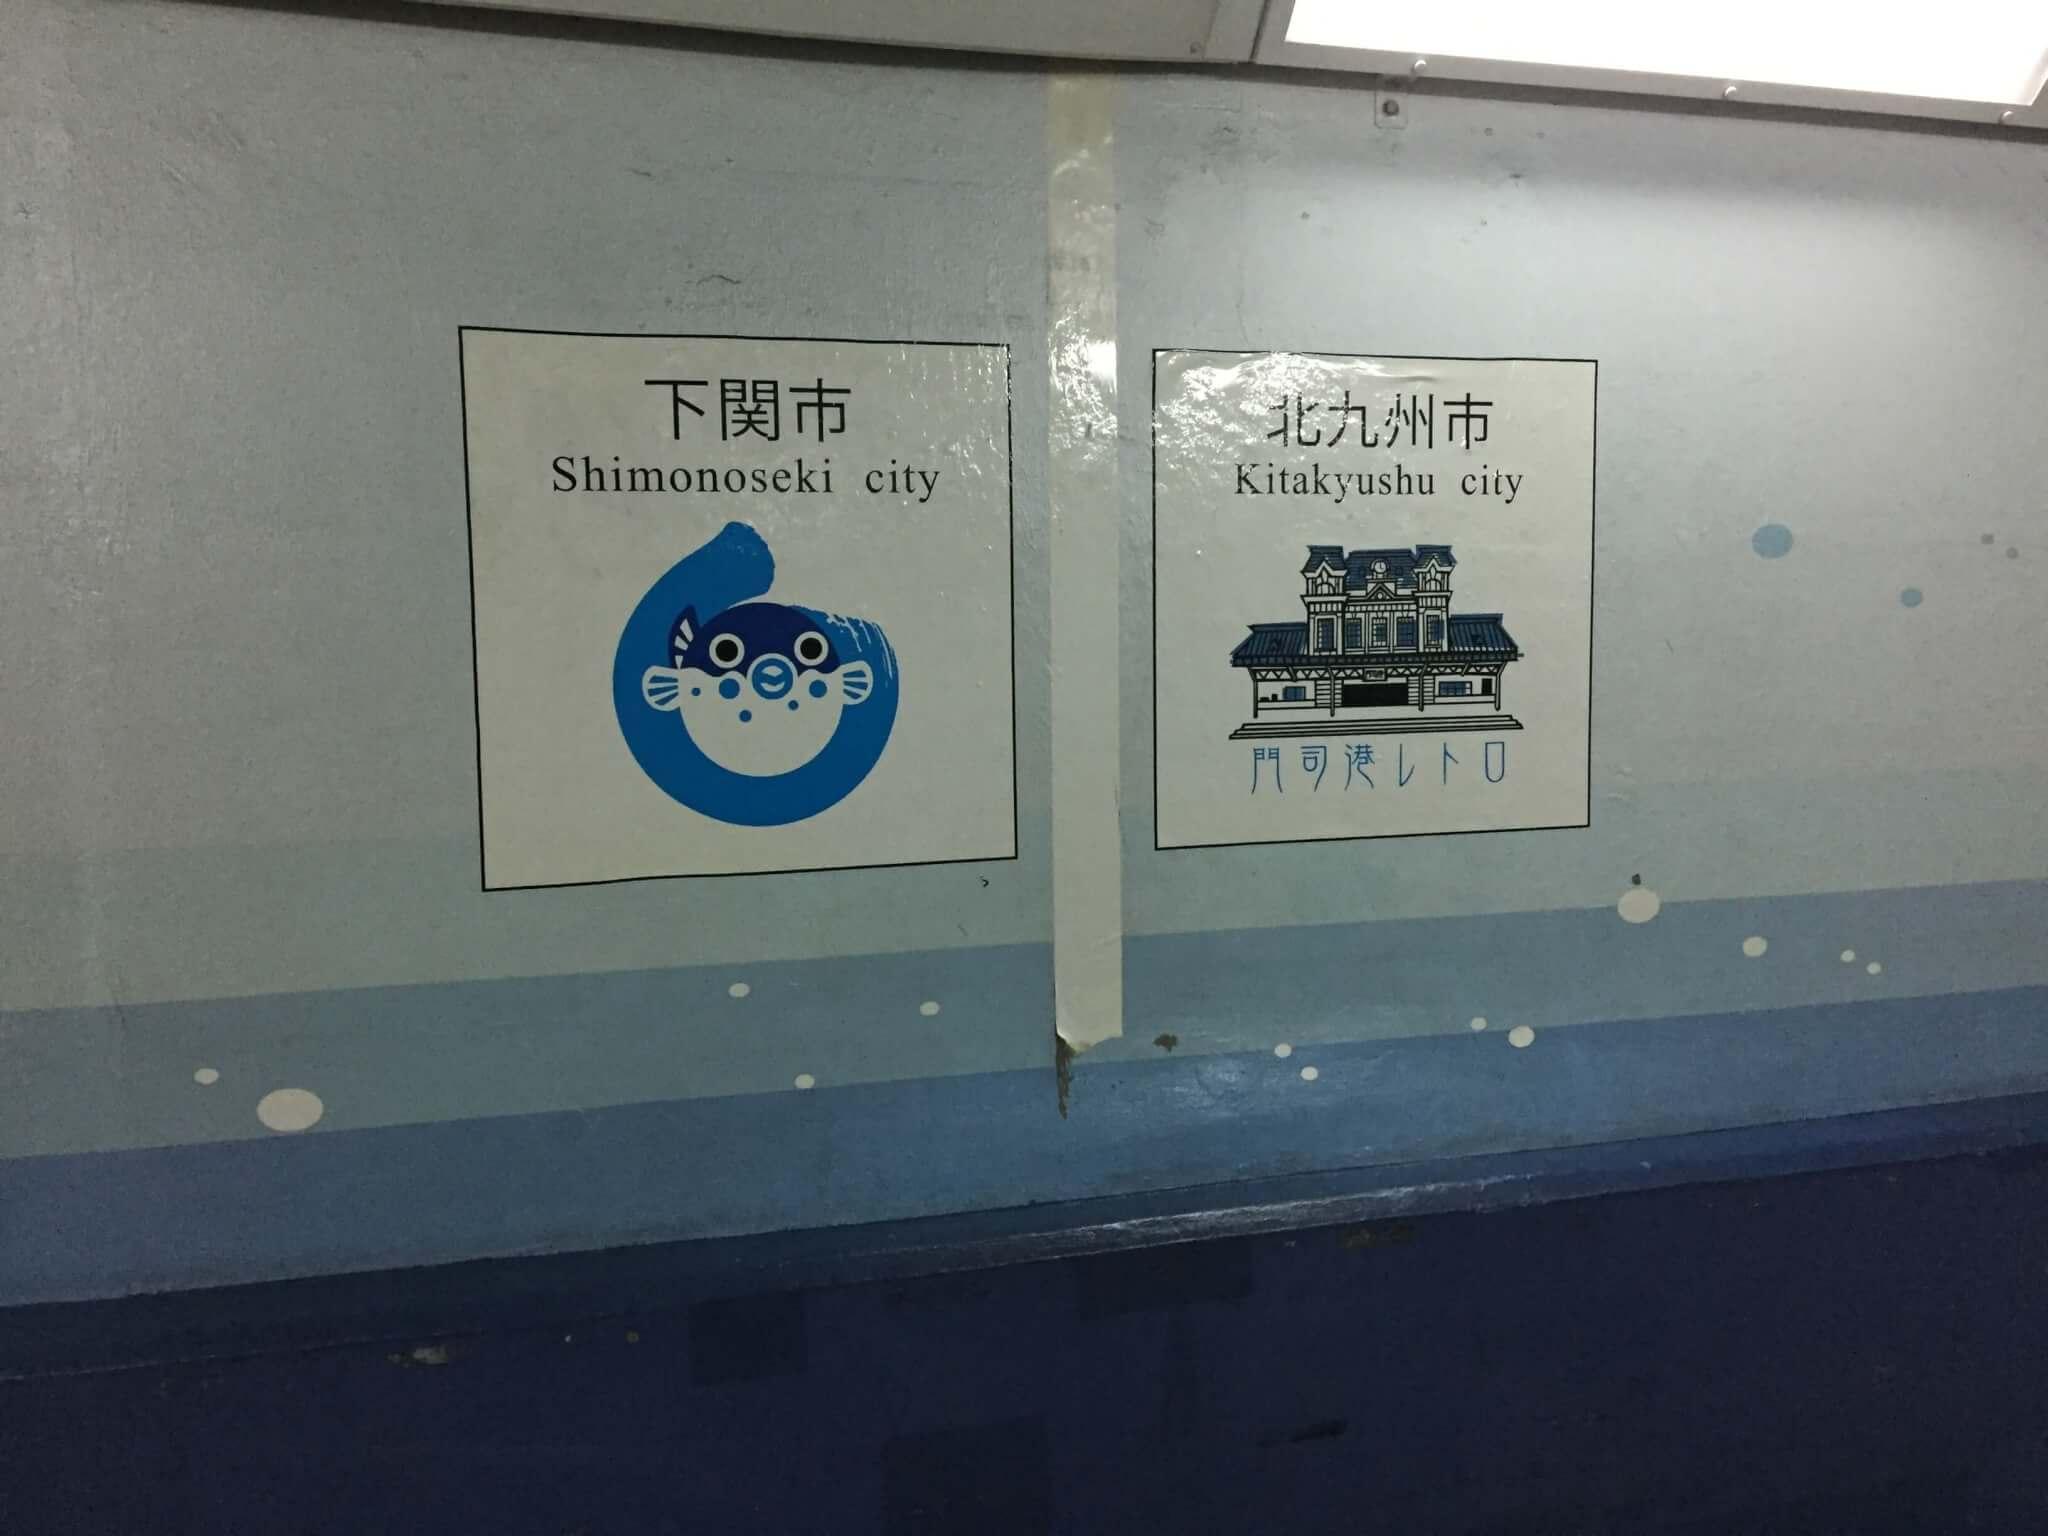 下関市と北九州市の境目も表示されている関門海峡人道